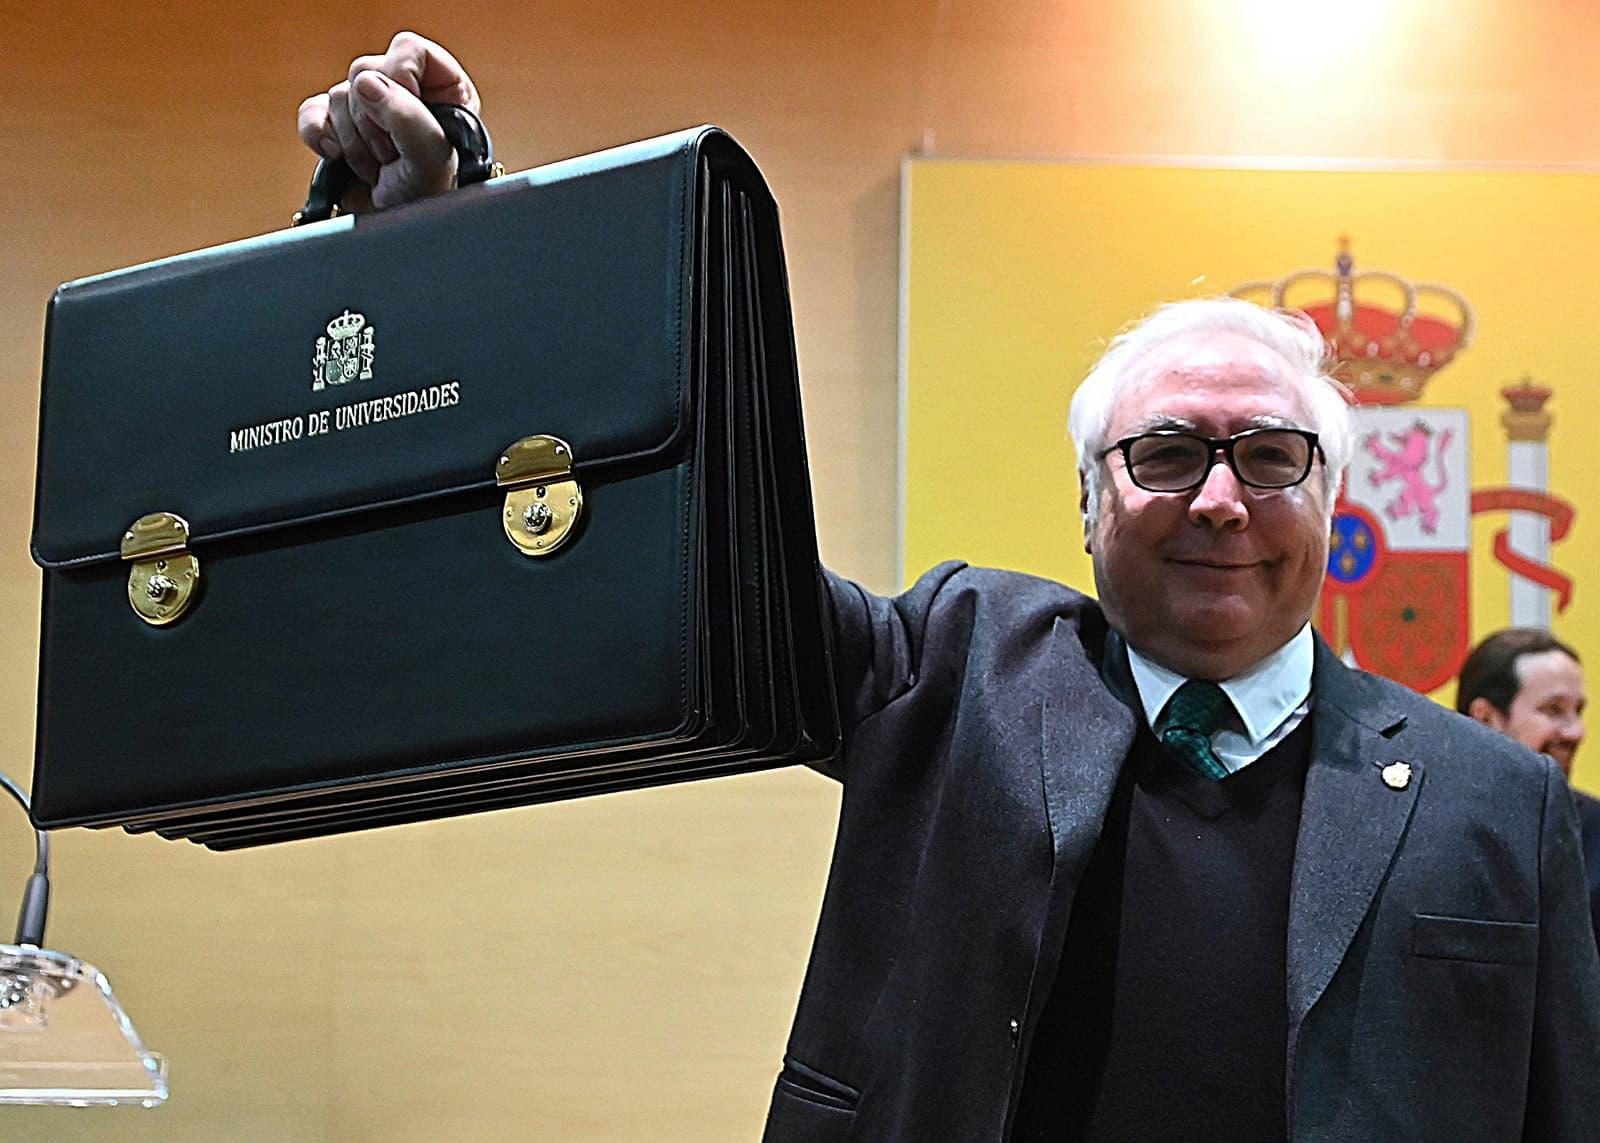 Manuel Castells durant la presa de possessió del càrrec de ministre d'Universitats, el 13 de desembre del 2019. Fotografia de Fernando Villar. Efe.